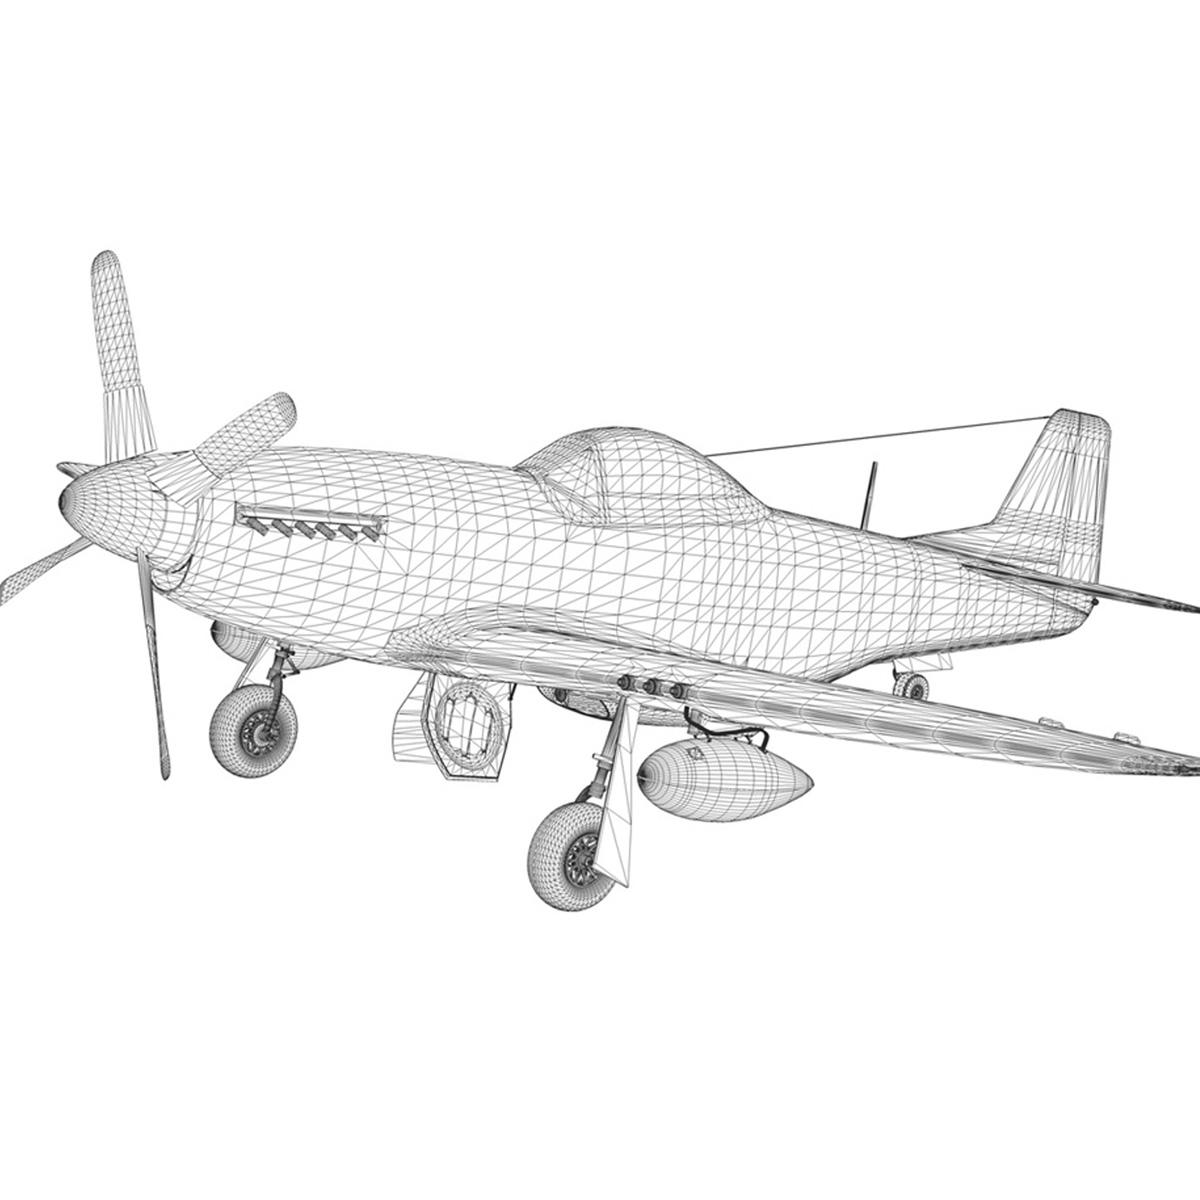 north american p-51d – ol flak joe 3d model 3ds fbx c4d lwo obj 280119